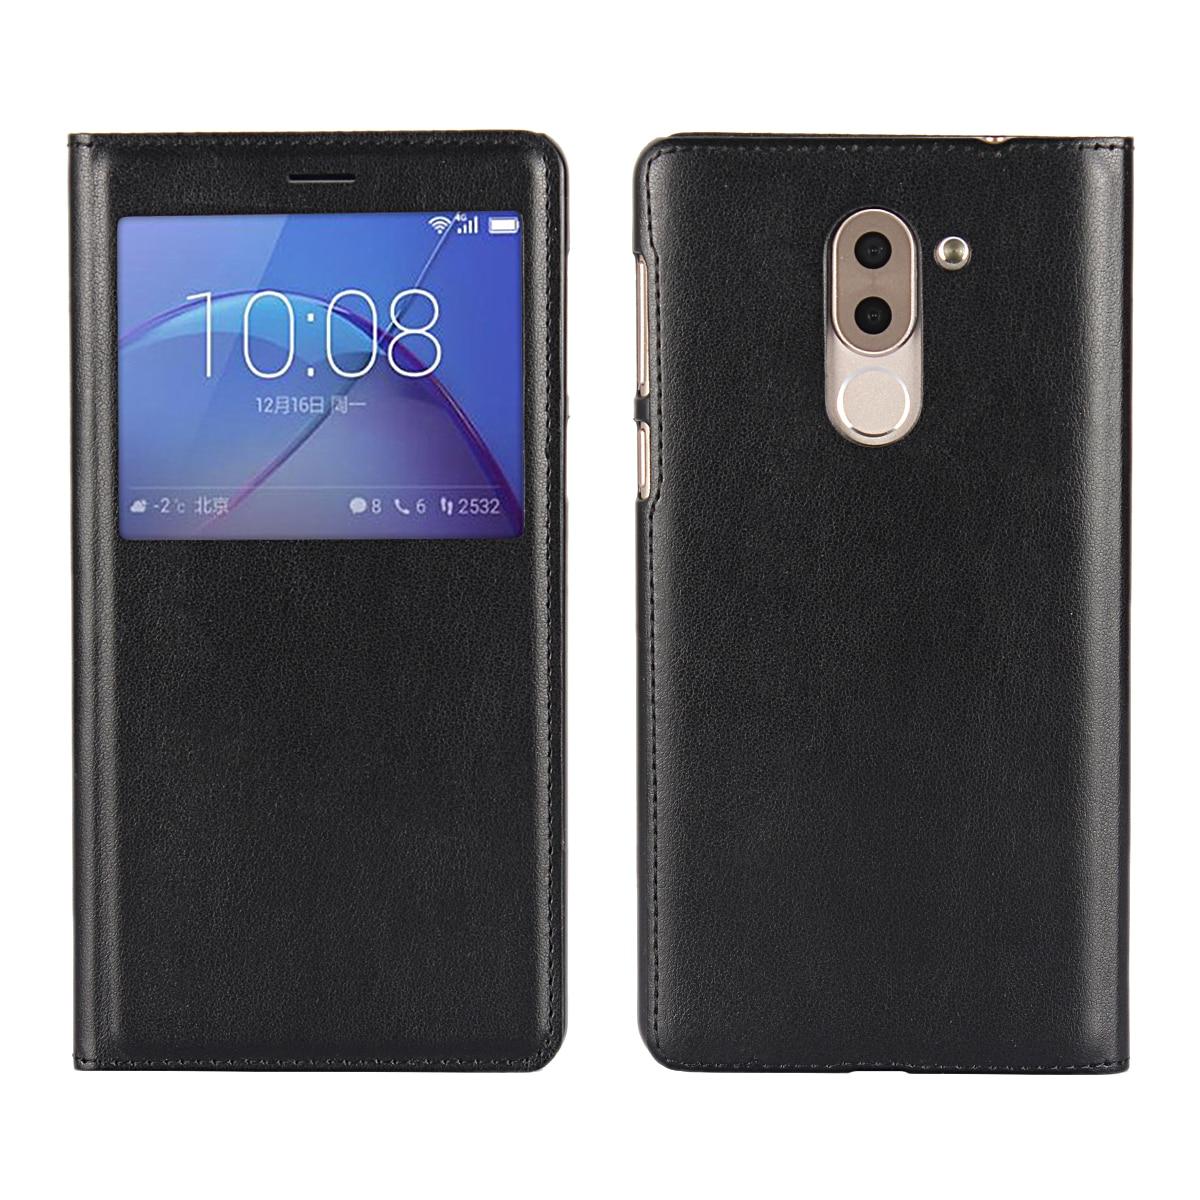 Ультратонкий защитный чехол в деловом стиле, чехол для телефона, откидной Чехол с окошком из искусственной кожи для Huawei Honor 6X / GR5 2017